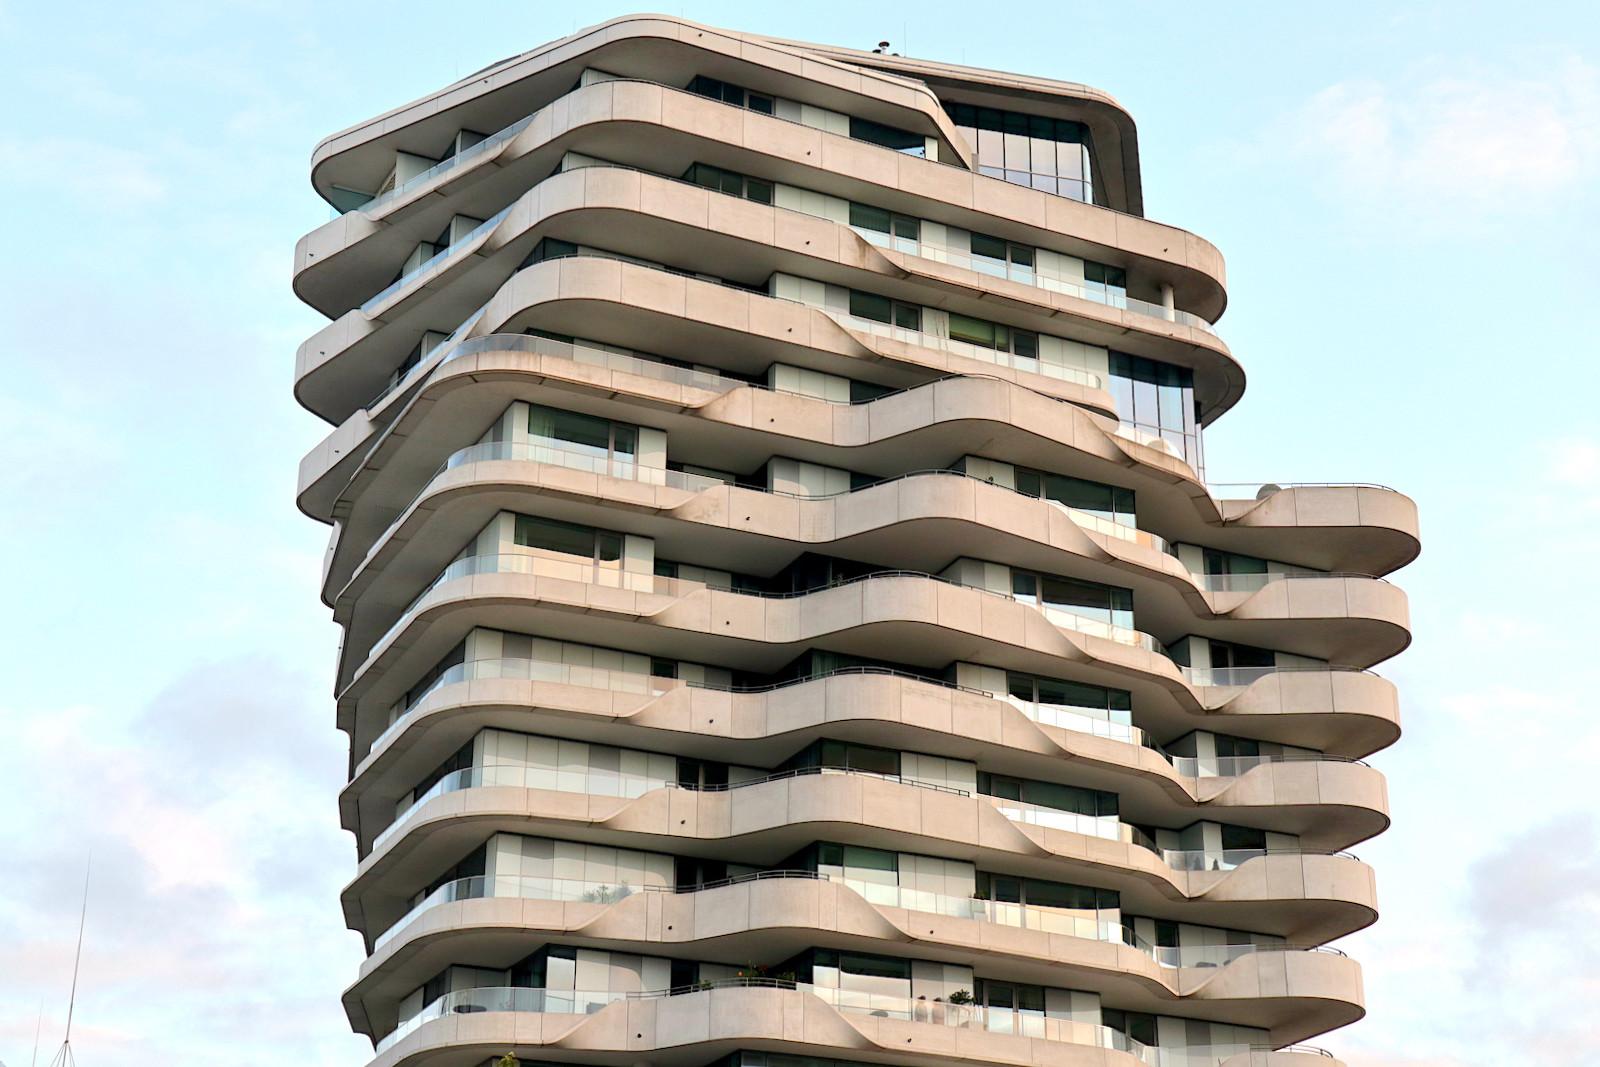 Marco-Polo-Tower. Entwurf: Behnisch Architekten, Stuttgart. Fertigstellung: 2009. Der 55 Meter hohe Wohnturm steht für hochwertig-hochpreisiges Wohnen in der Innenstadt. Bei der Stahlbetonskelettkonstruktion ist jedes Geschoss um ein paar Grad um die Achse des Kerns gedreht, so dass sich dadurch mit dem reduzierten Äußeren ein skulpturaler Eindruck ergibt, der Kritiker mal an einen Trichter, mal an einen Dönerspieß erinnert.